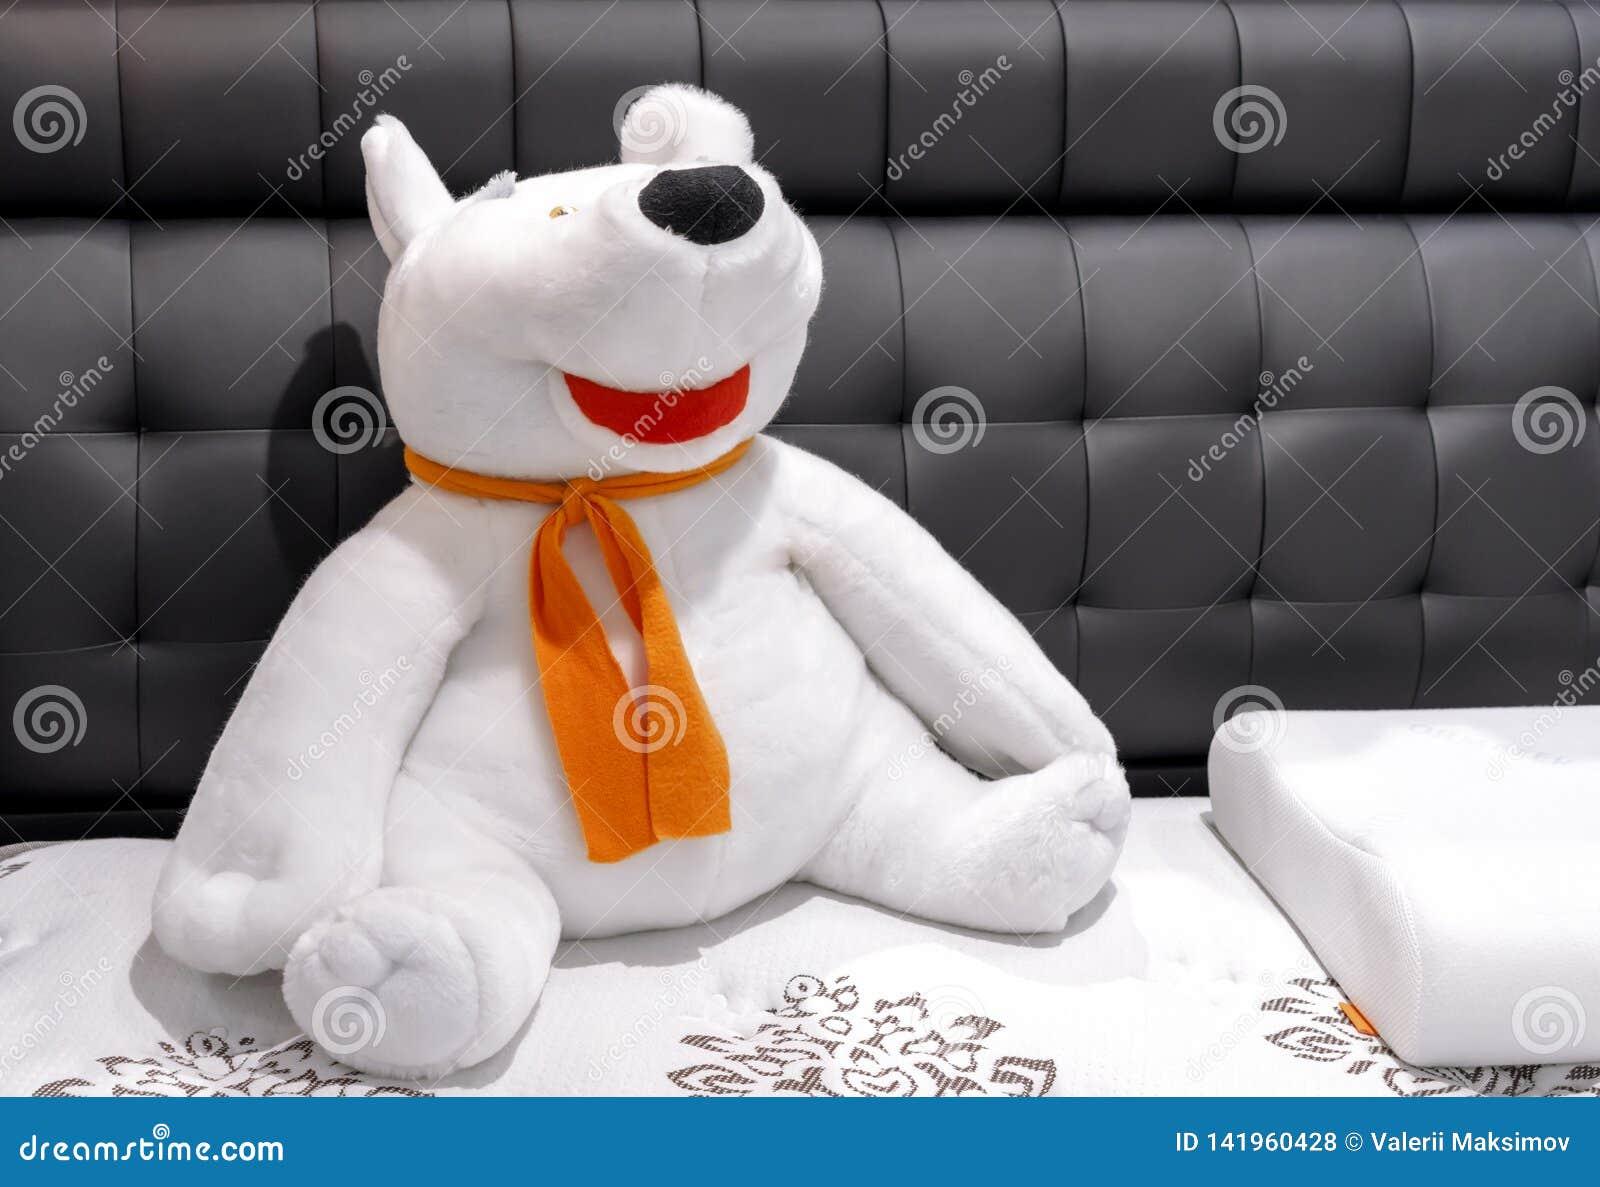 Полярный медведь мягкой игрушки с оранжевым шарфом